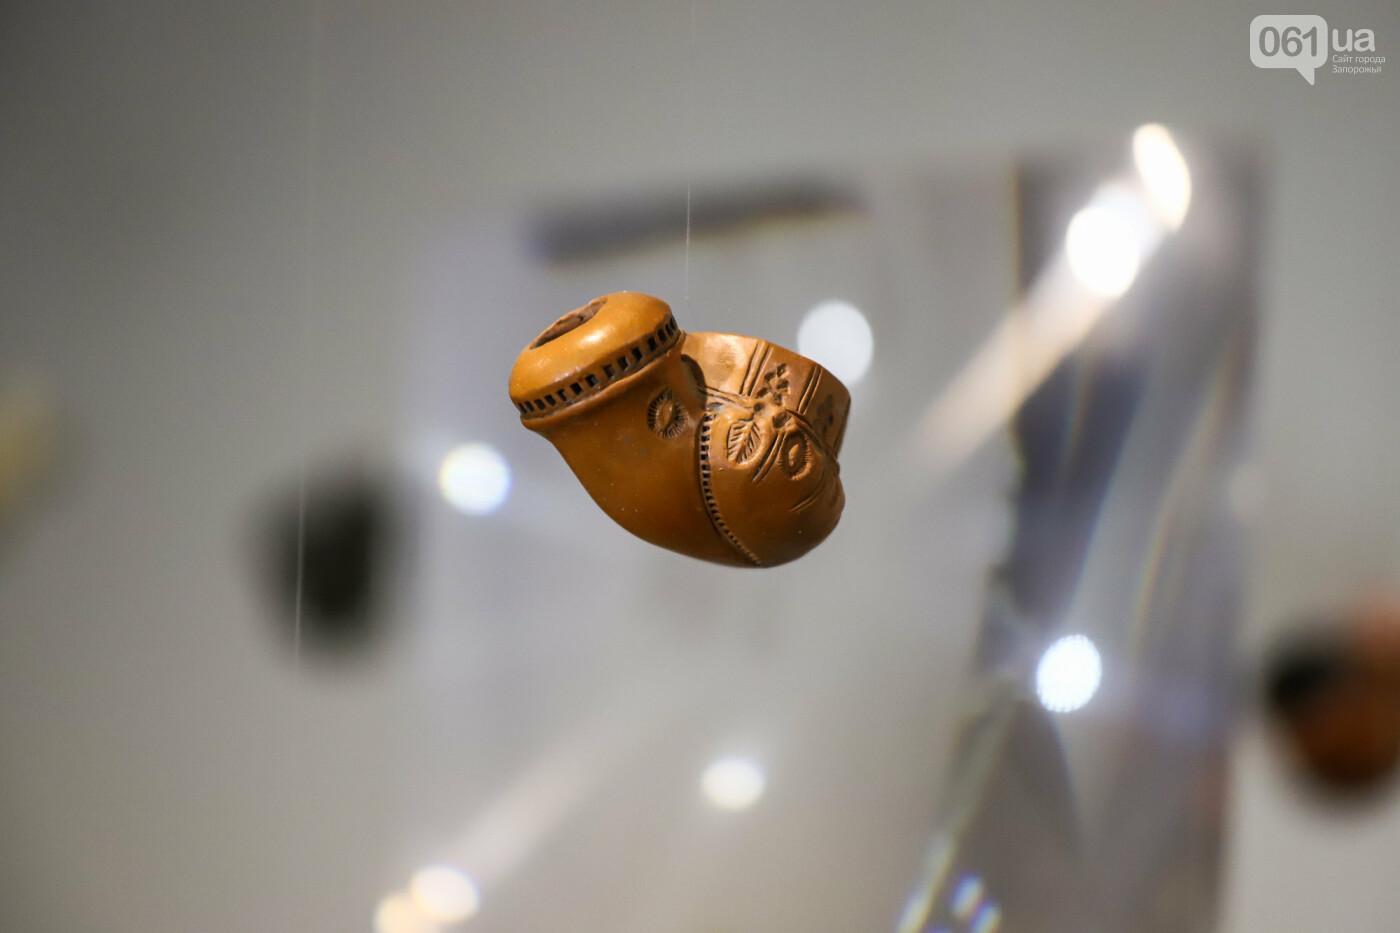 На Запорожской Сечи пополнилась уникальная коллекция казацких люлек: что курили казаки и о чем может рассказать трубка, фото-7